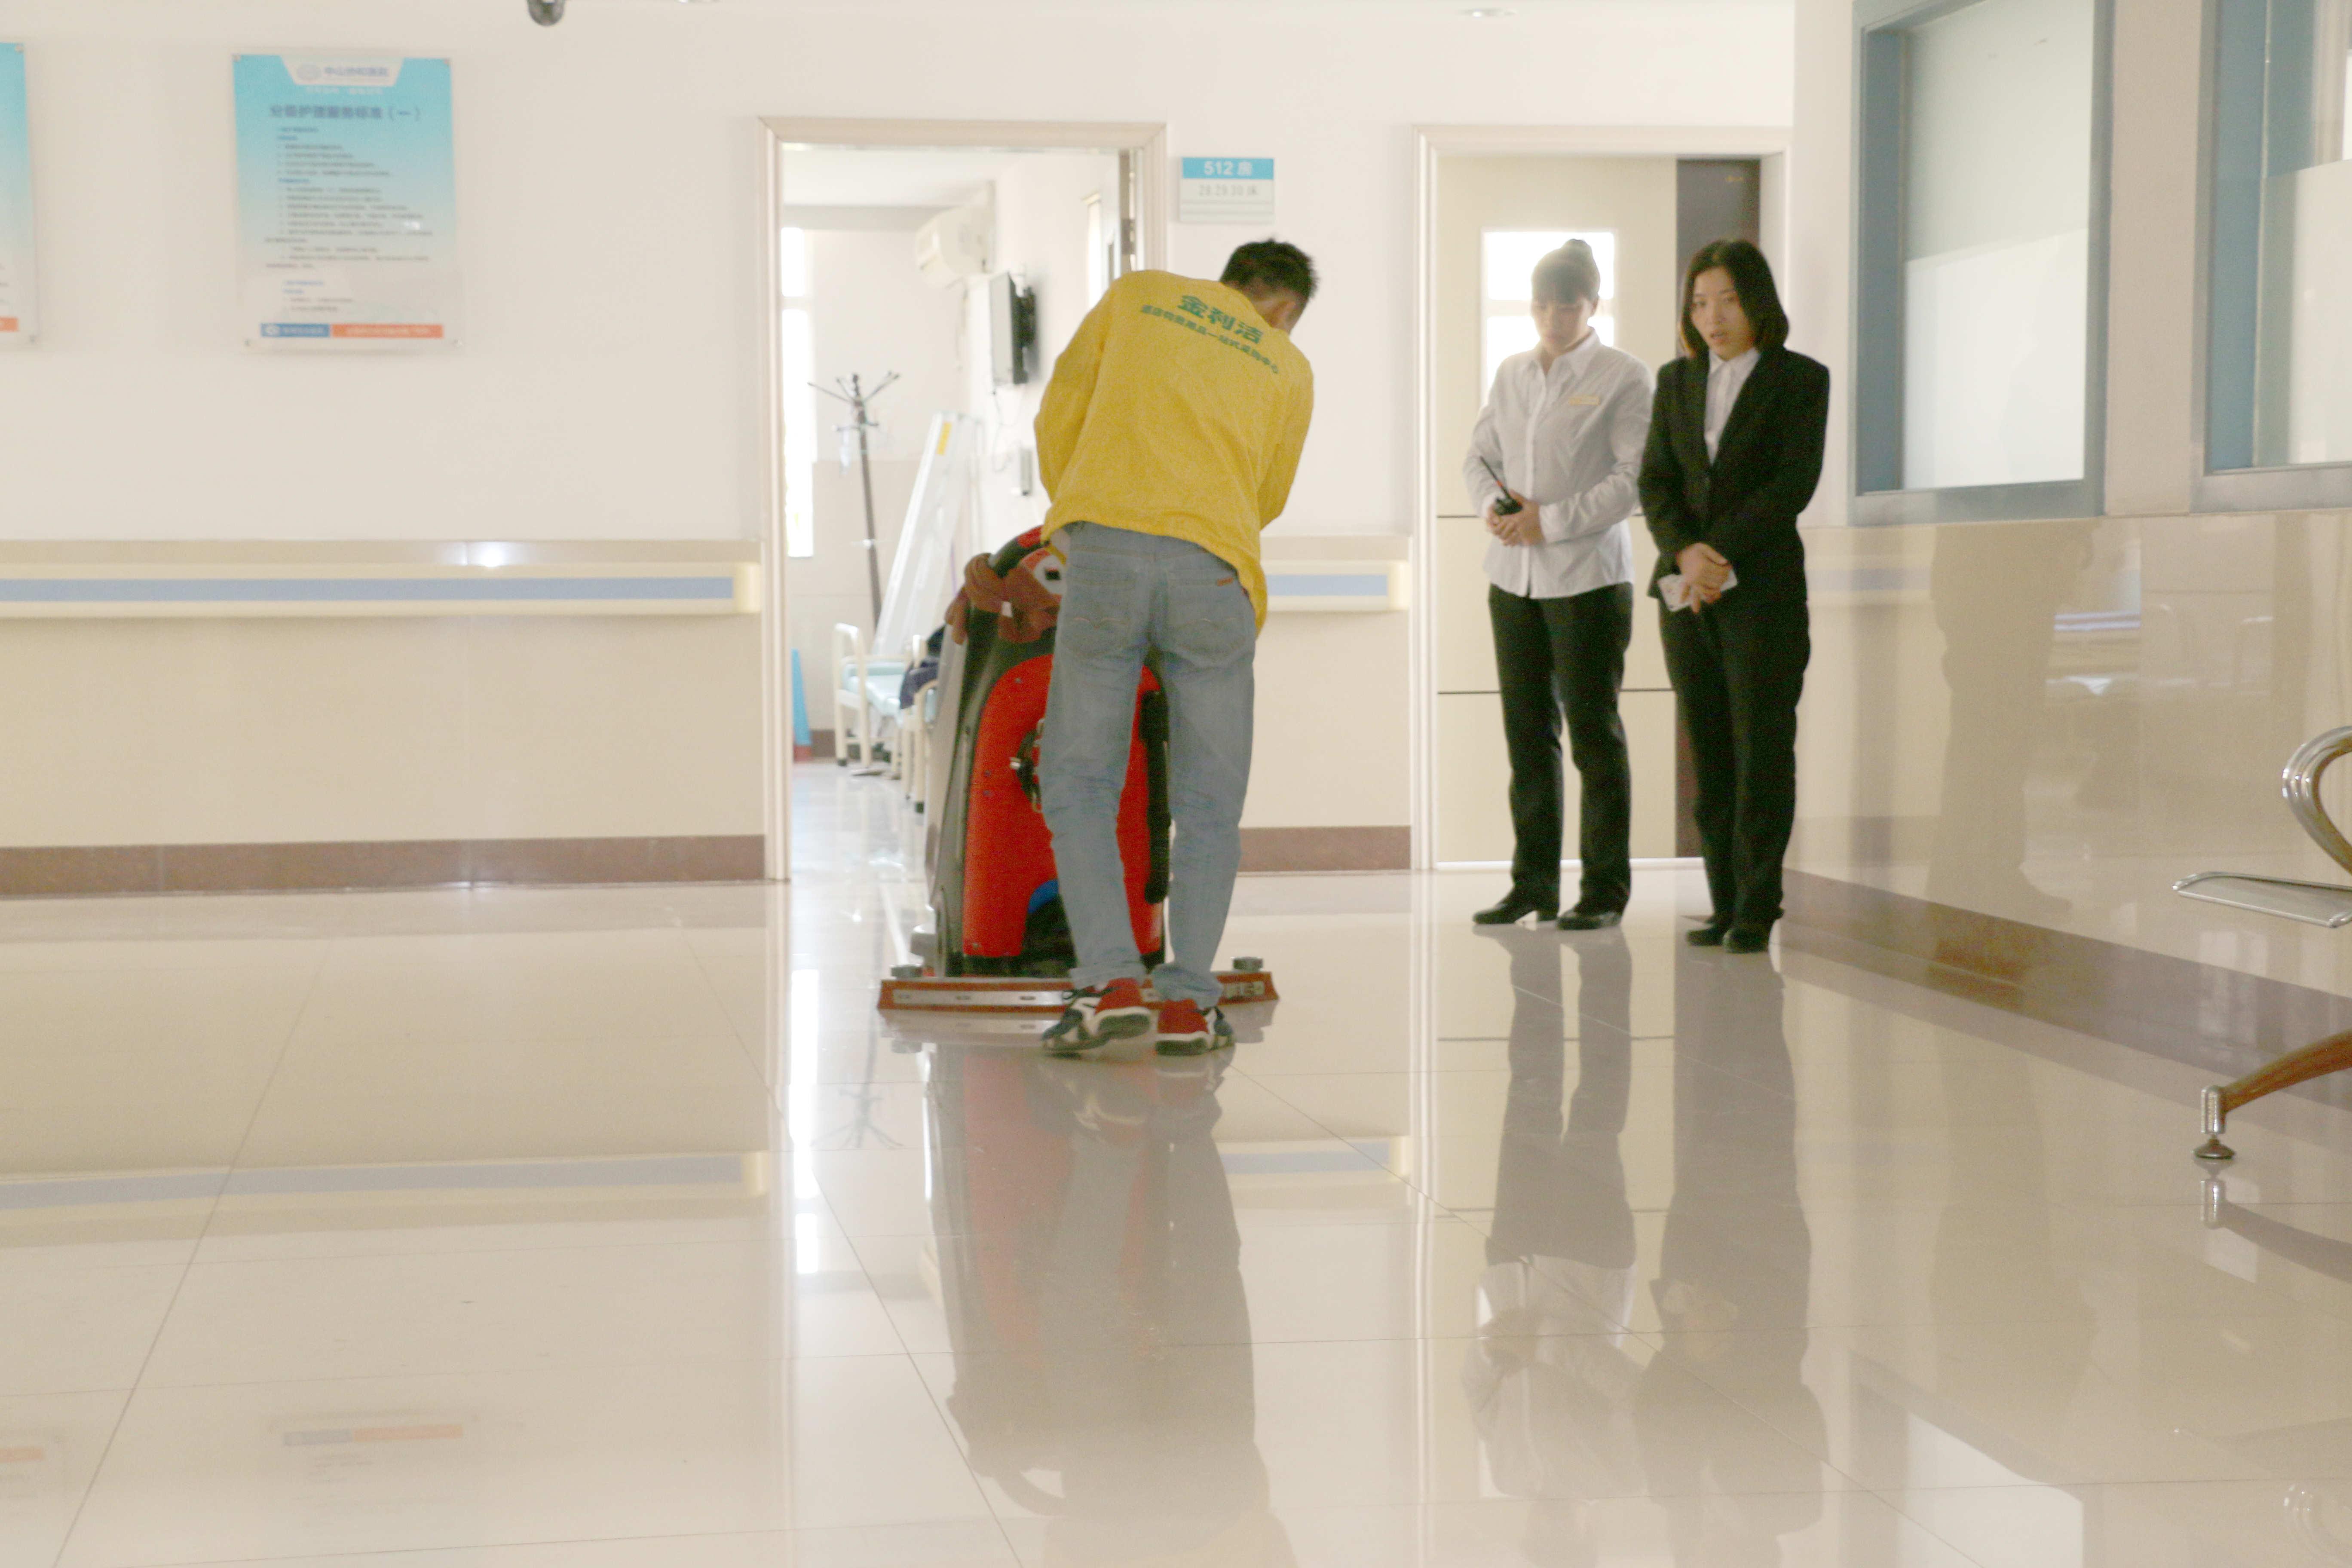 中山**医院购买全自动洗地机案例